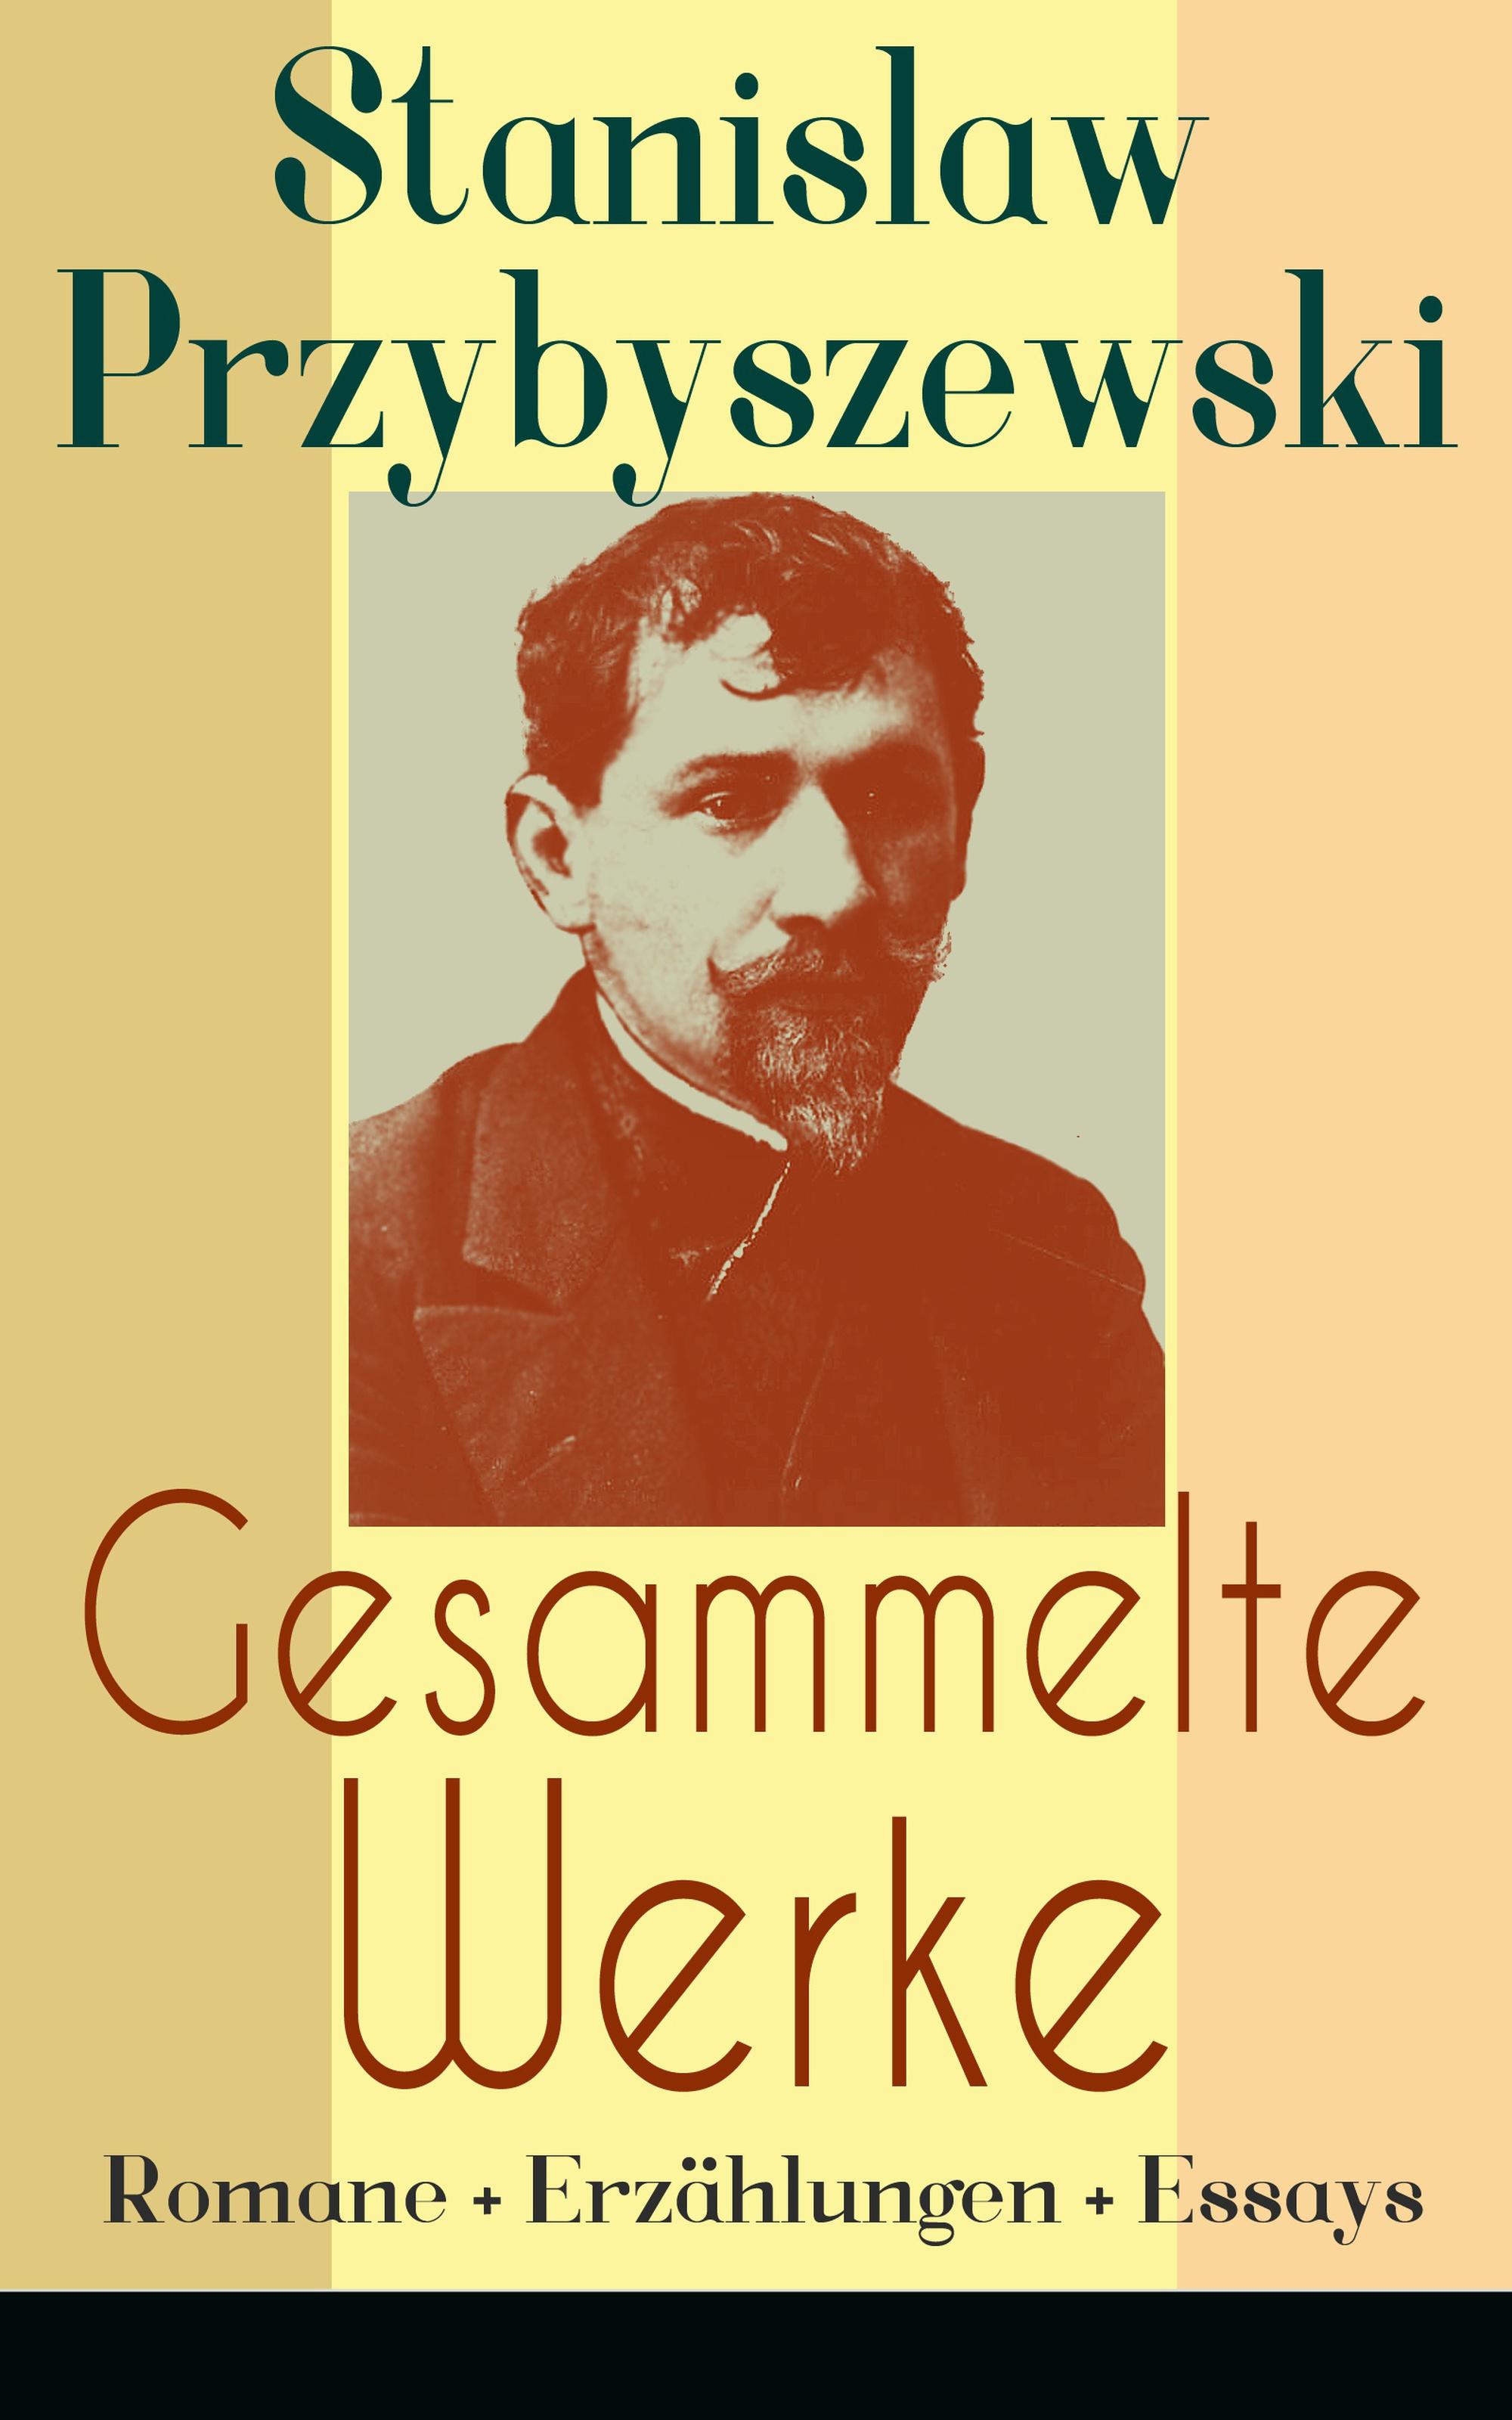 Stanislaw Przybyszewski Gesammelte Werke: Romane + Erzählungen + Essays стоимость